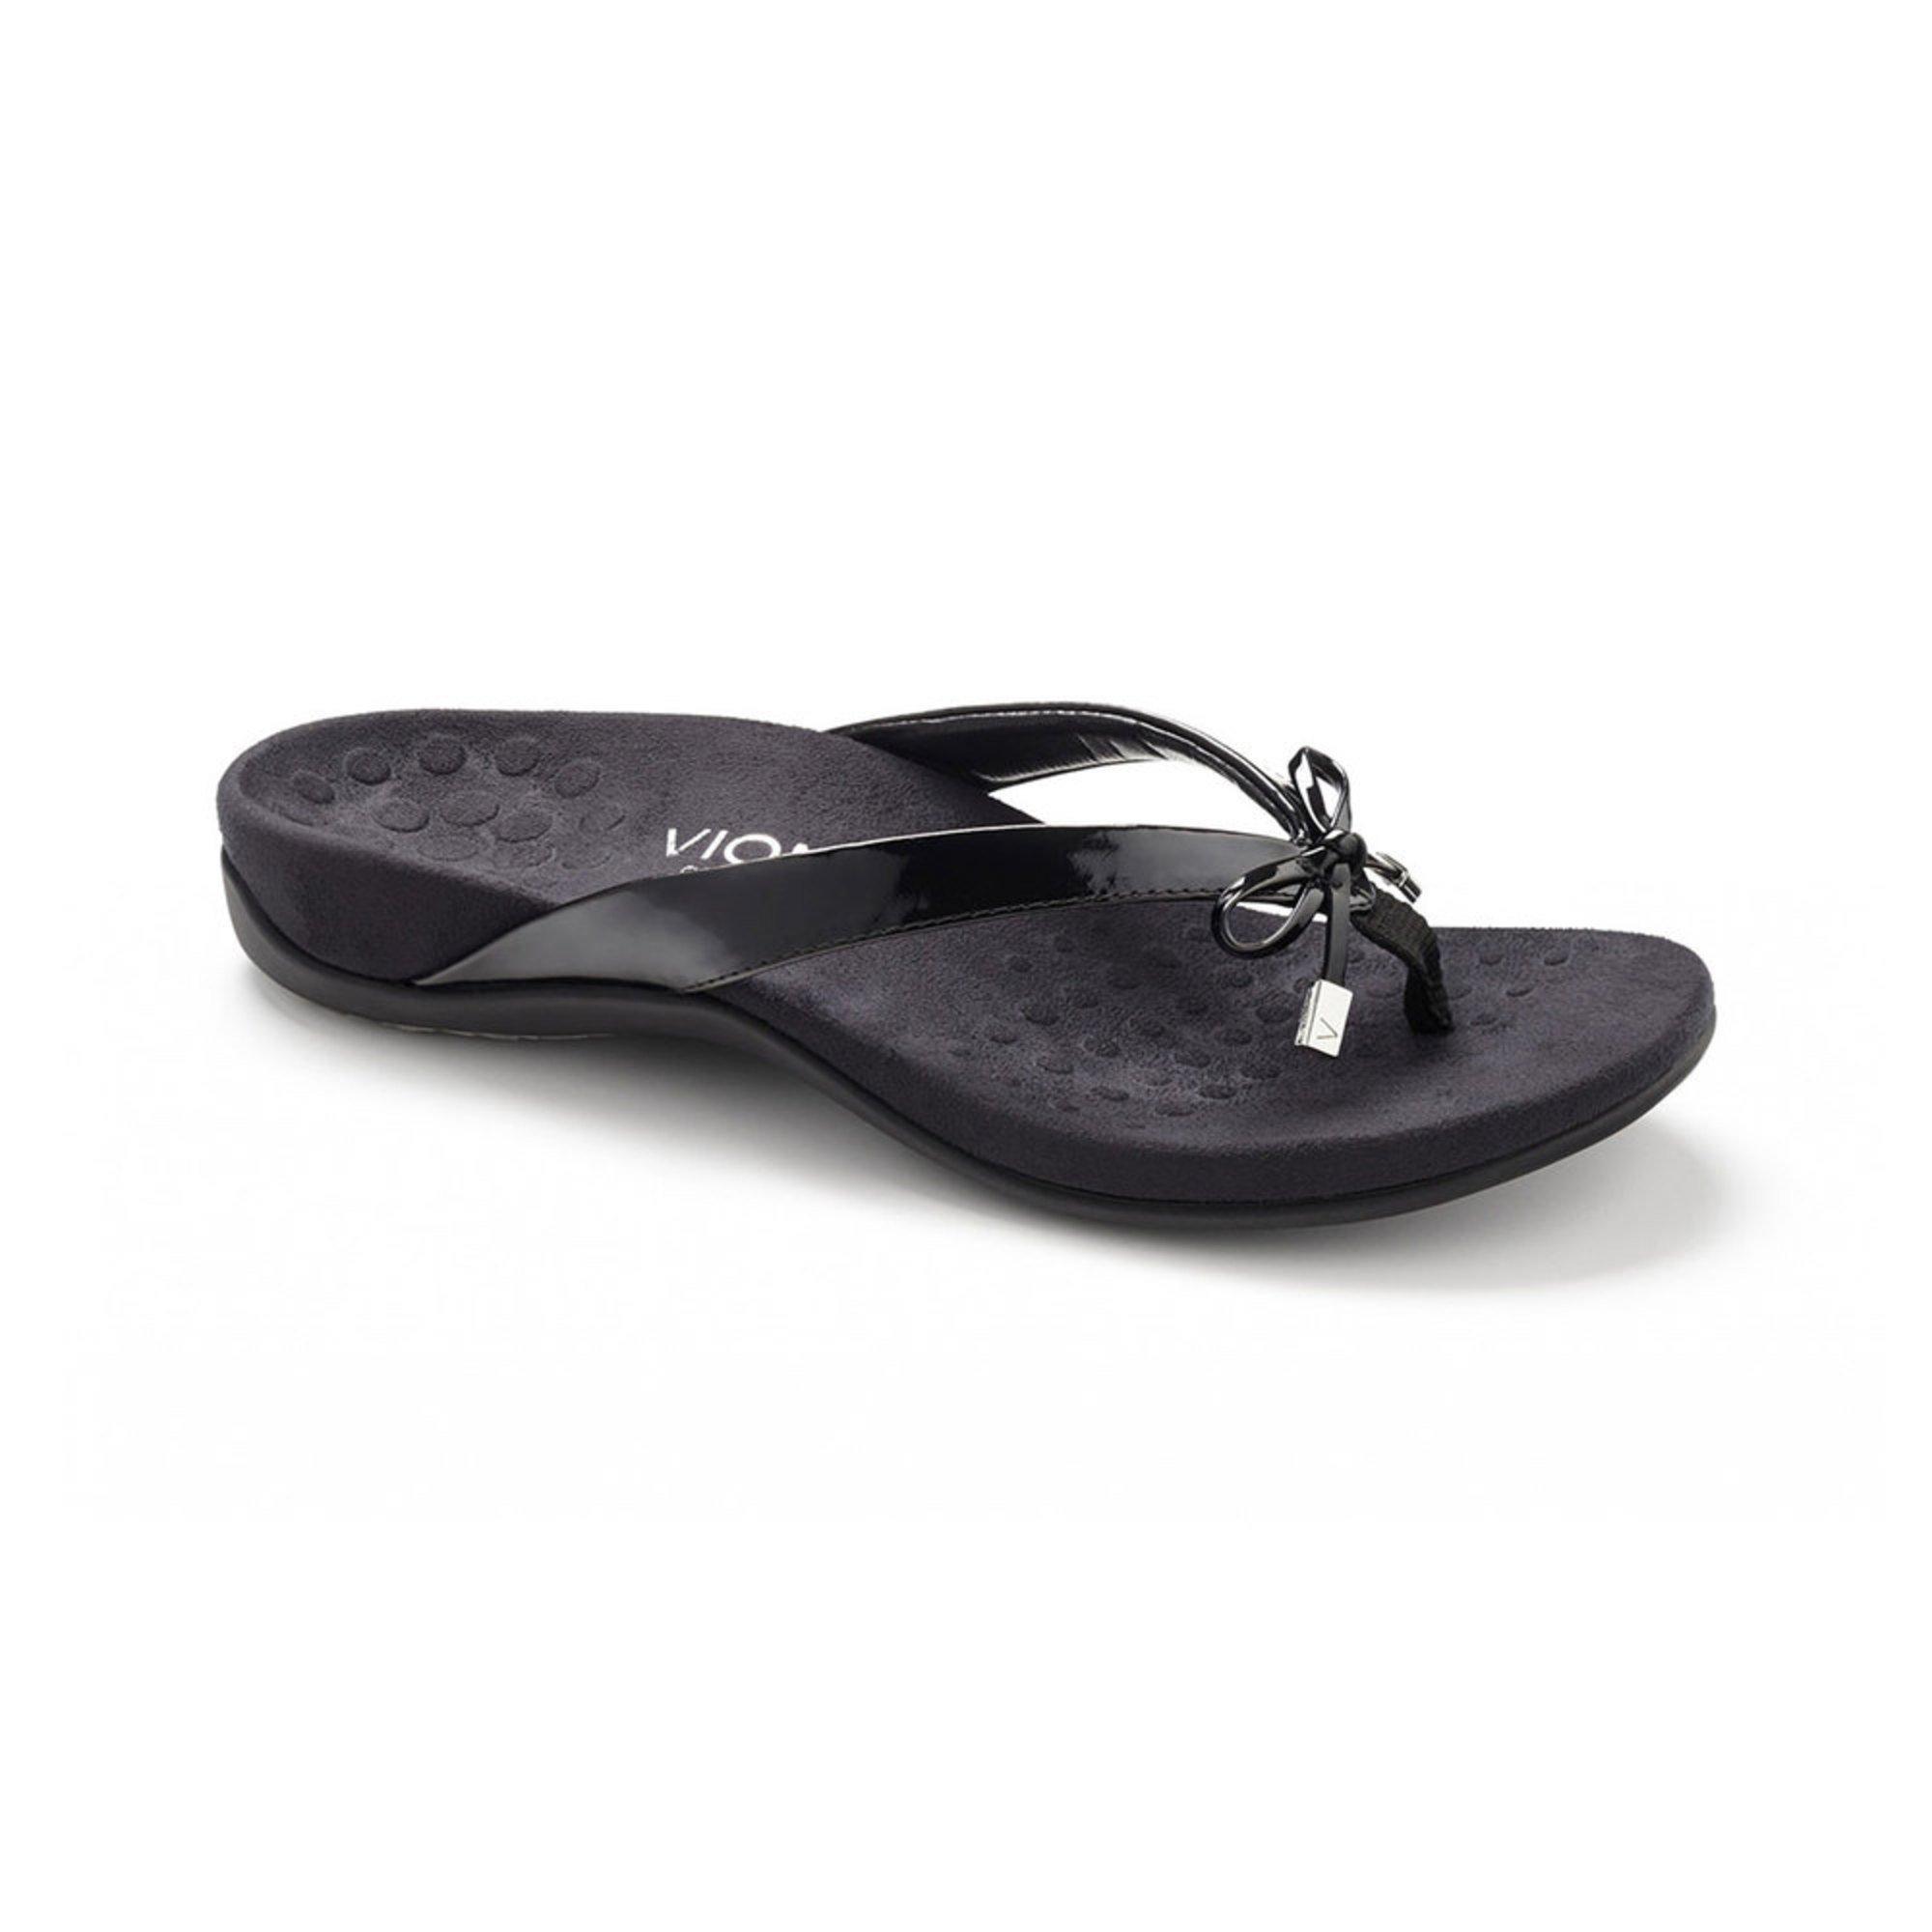 Vionic Women's Bella Ii Thong Sandal